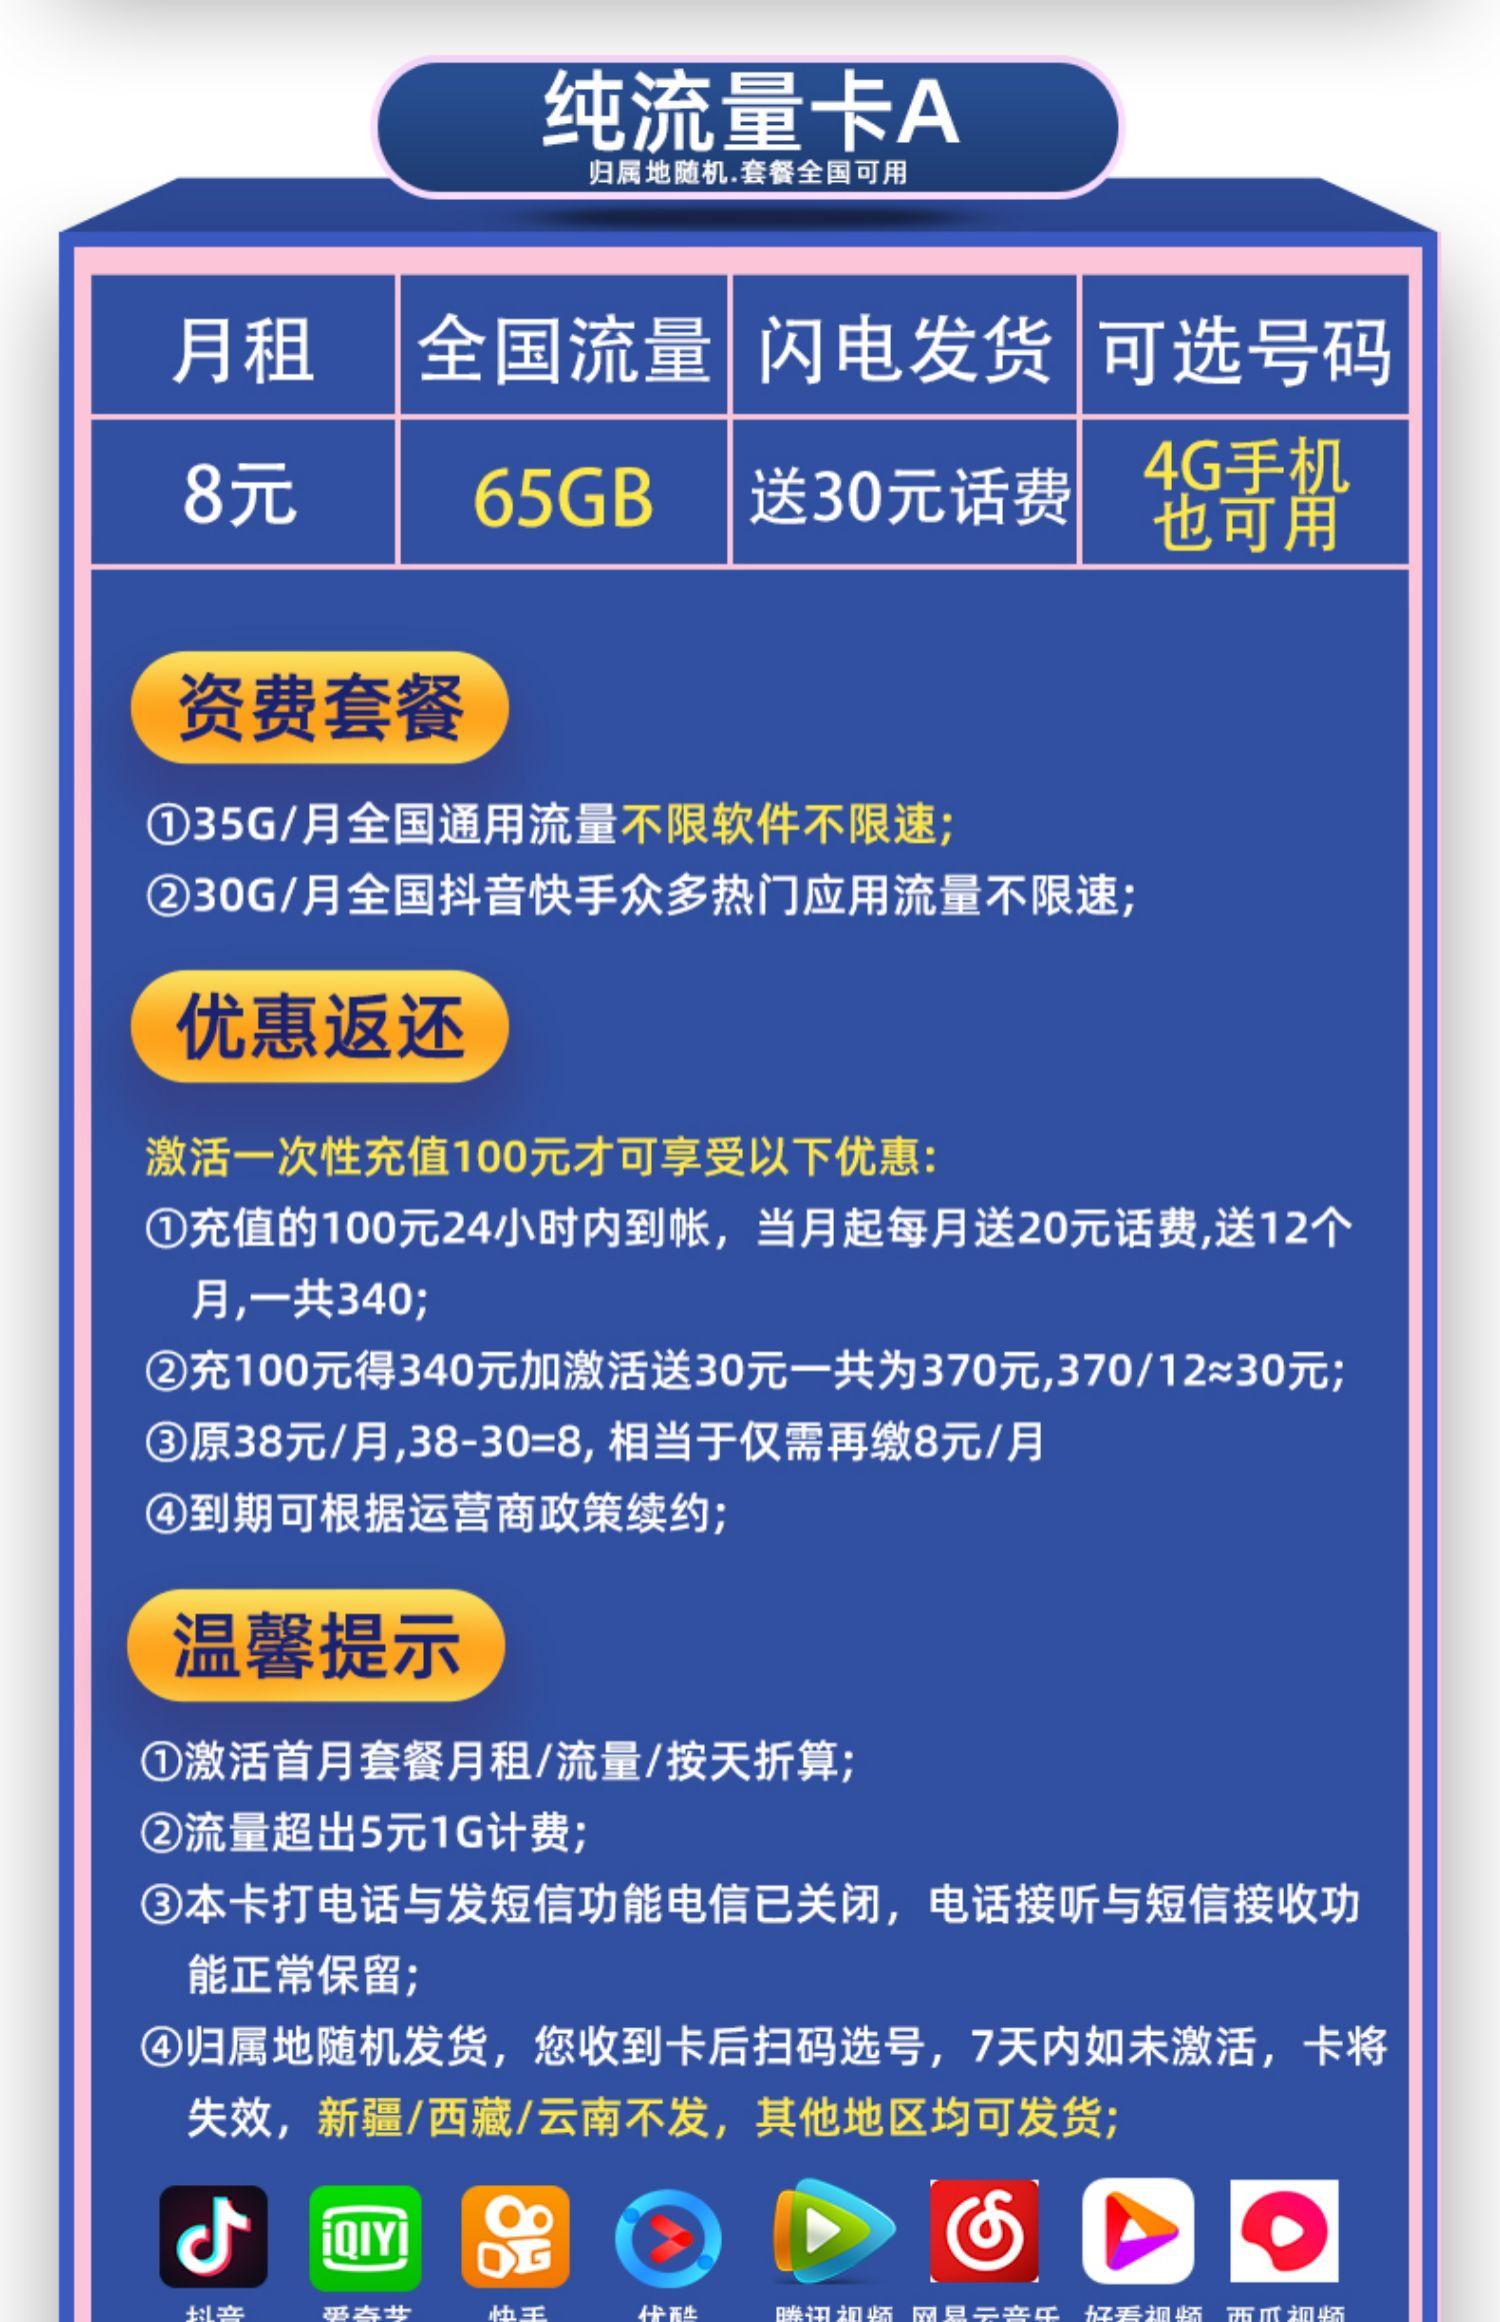 【移动流量卡】纯流量上网手机电话大王5g号8